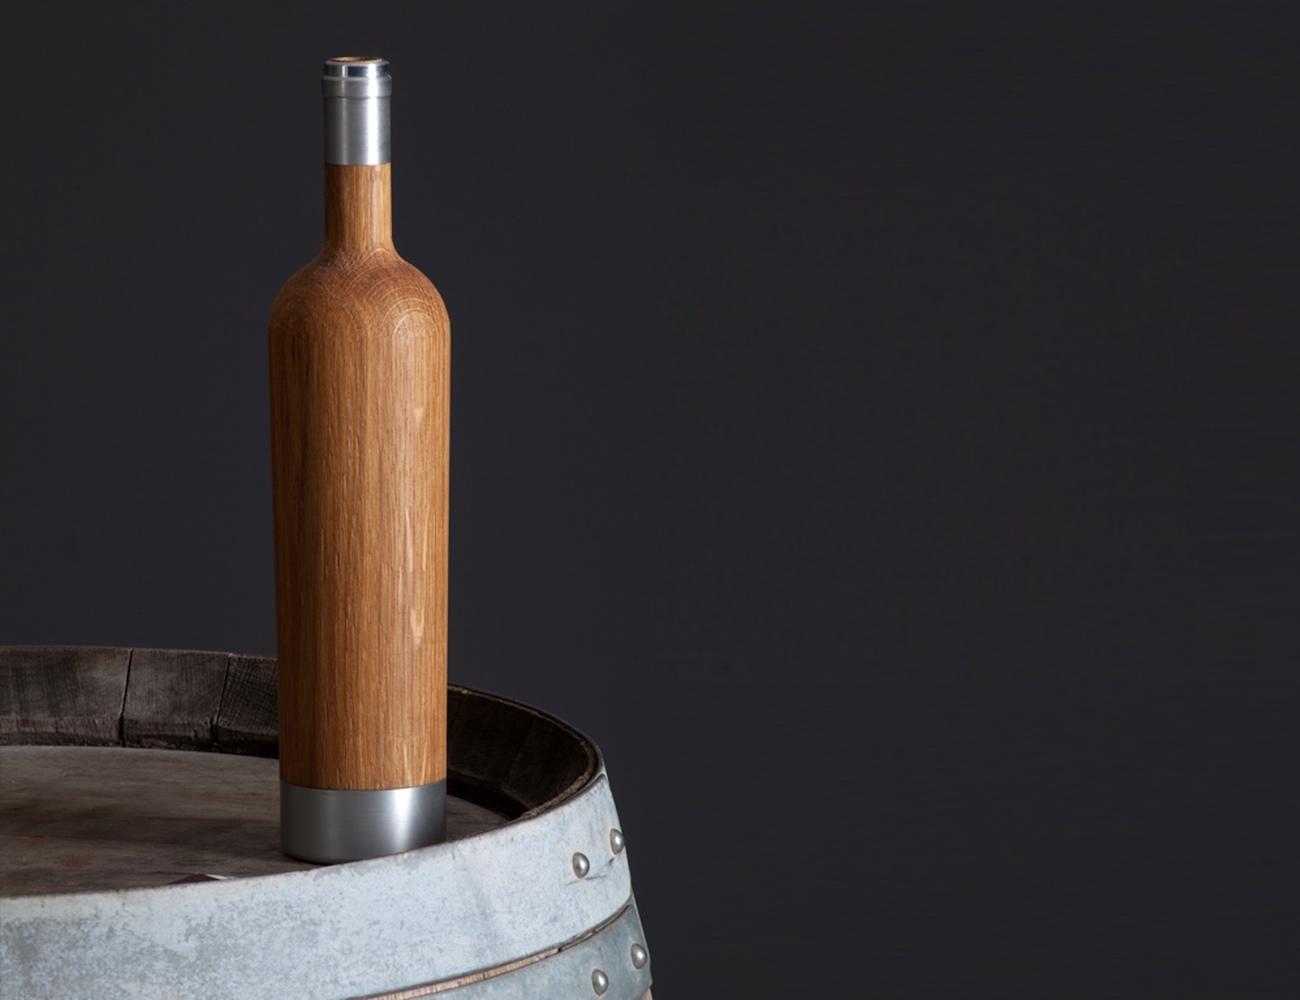 Pinocchio Barrique Wine Aging Bottle